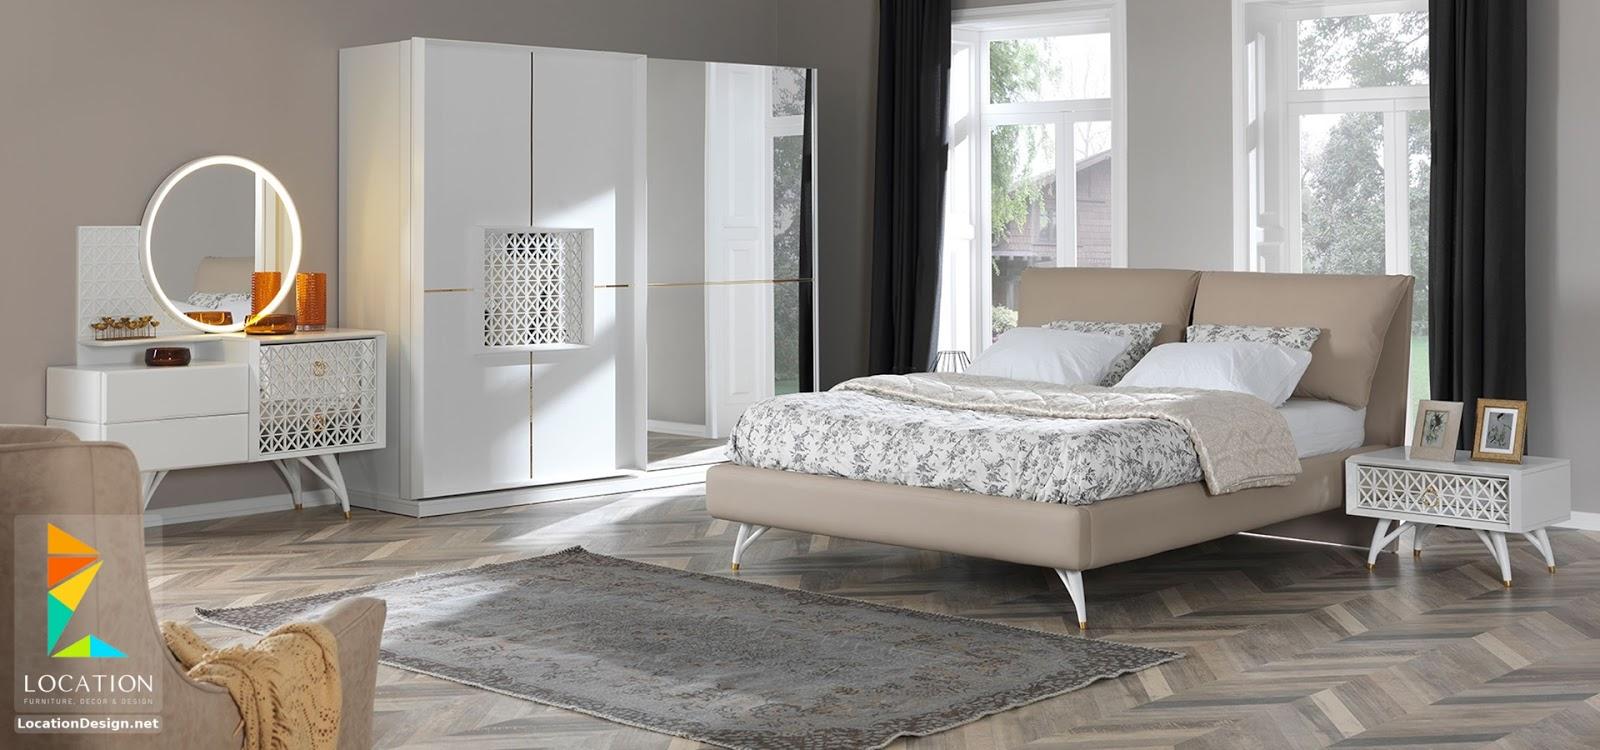 كتالوج موديلات غرف نوم كاملة 2019 2020 Bedrooms Egypt